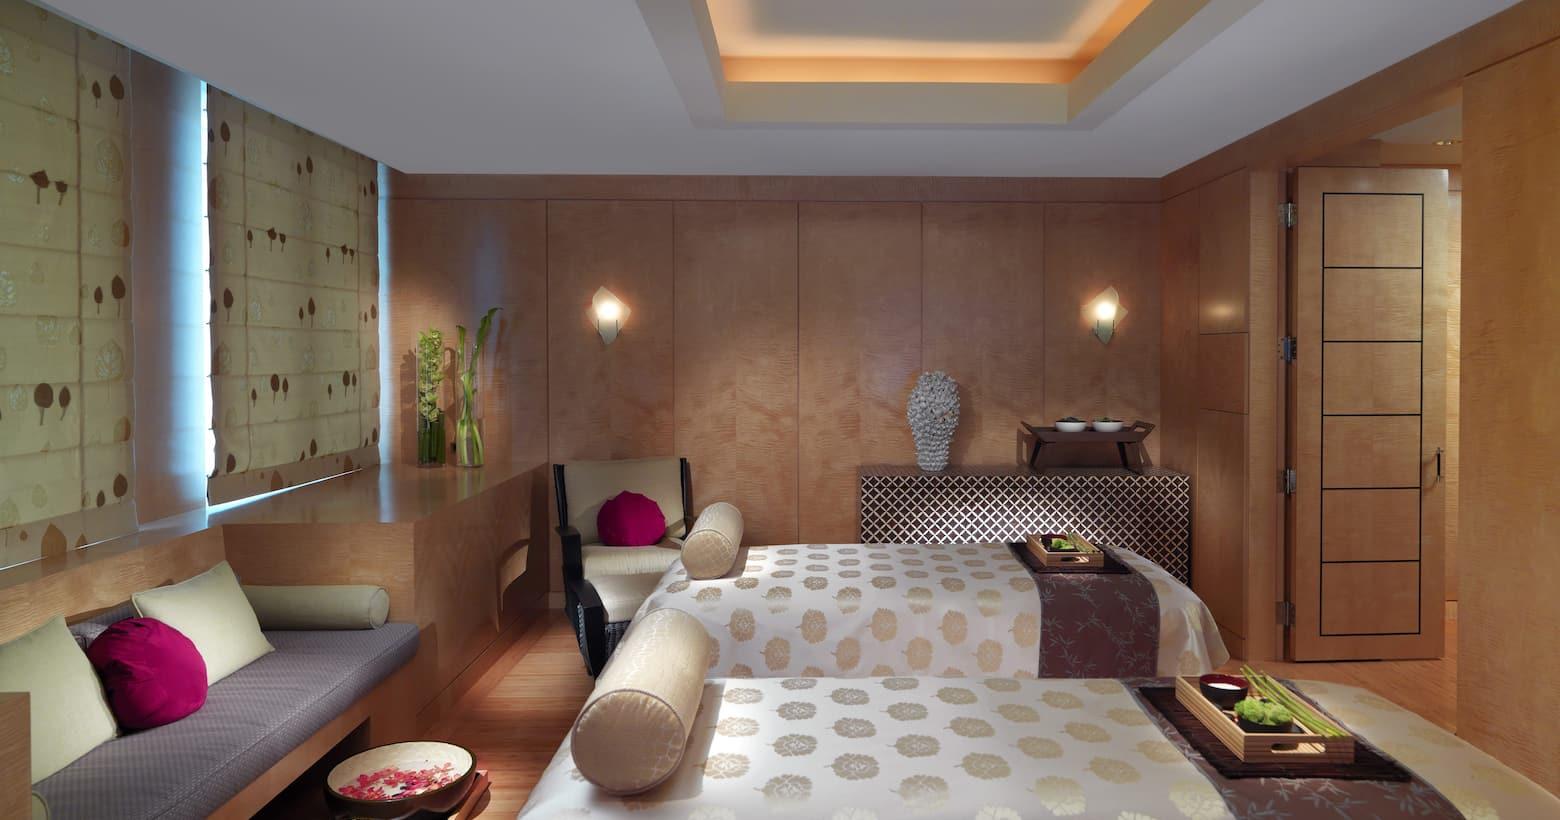 Mandarin Suite Experience